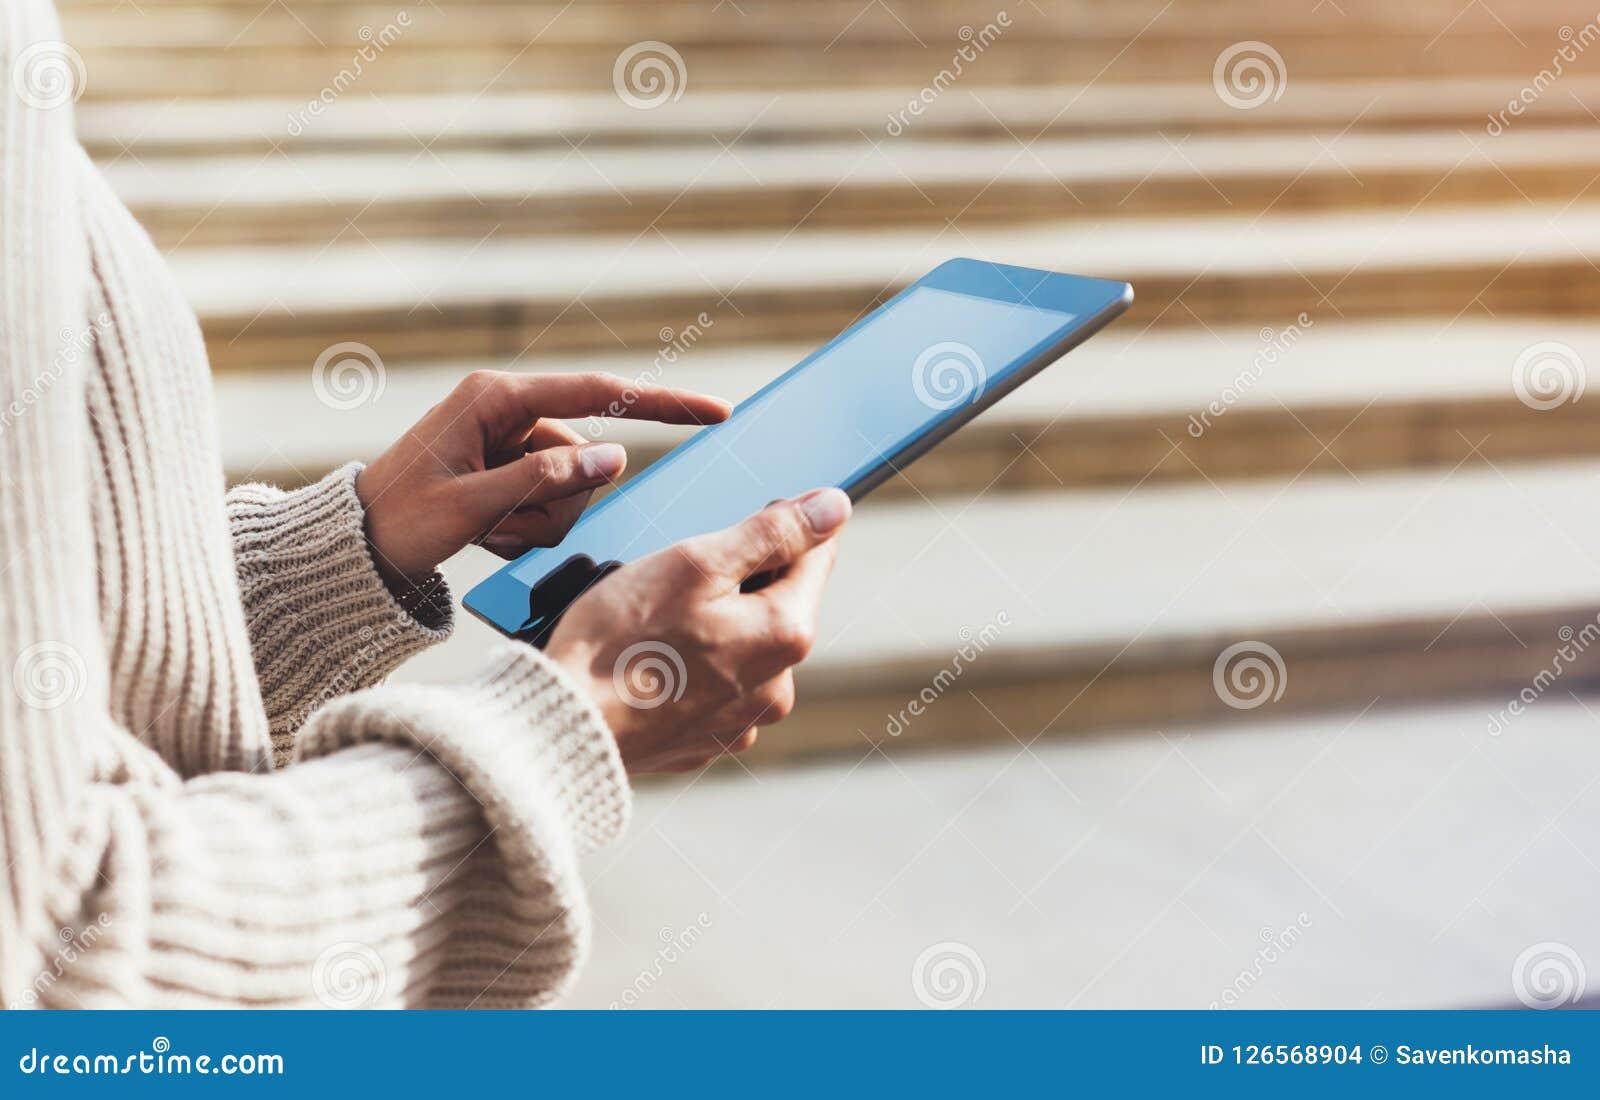 Menina do moderno que usa o Internet da tecnologia da tabuleta, pessoa do blogger que guarda o computador no fundo Sun City, mãos